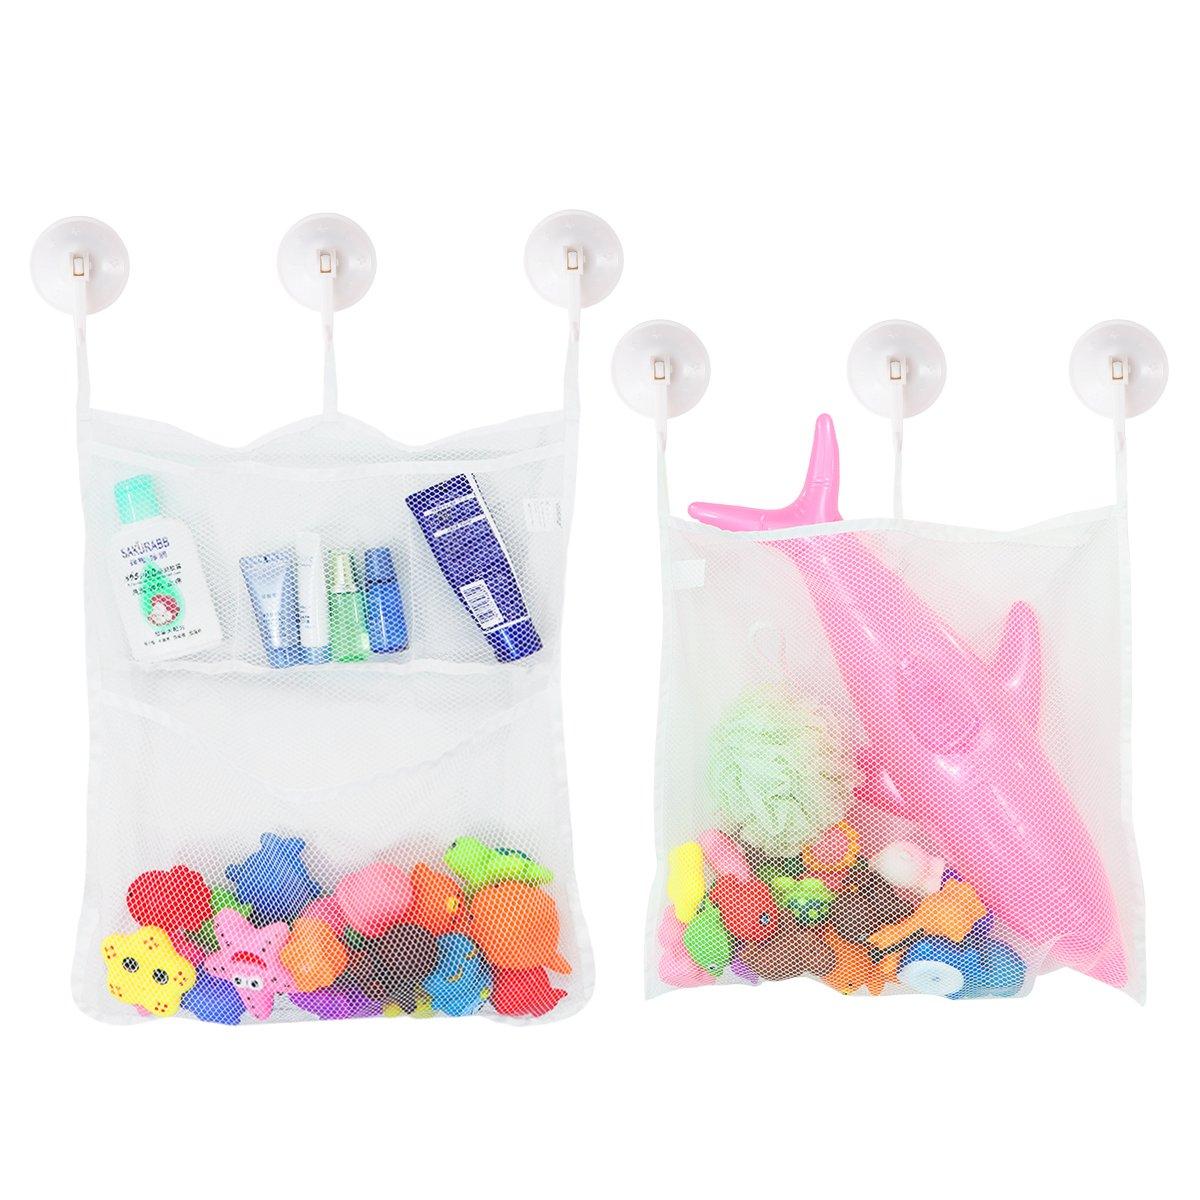 TOYMYTOY organizador de juguetes bolsa de almacenamiento, Red de malla con 6 ganchos para cuarto de baño y bañera -2 Pieza